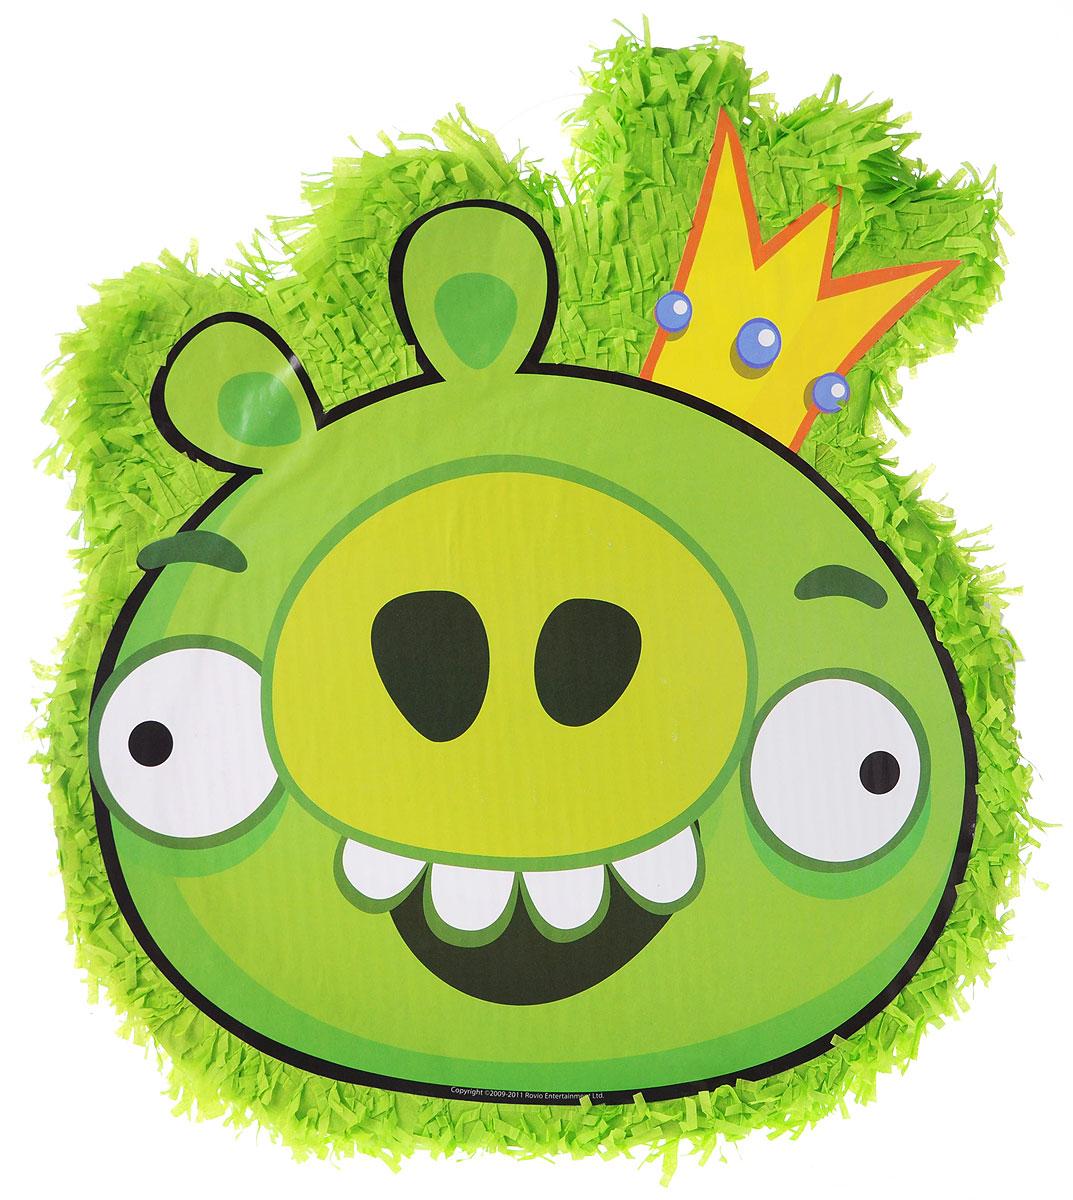 """Пиньята - мексиканская по происхождению игра для взрослых и детей. Пиньята Веселая затея """"Angry Birds. Король Свиней"""" изготовлена из картона, папье-маше и оформлена изображением зеленой свинки. Пиньяту наполняют различными угощениями и игрушками (до 900 граммов наполнителя) и подвешивают к потолку или на дерево. Праздничная пиньята по праву сможет стать центром вашего праздника благодаря активной игре и яркому привлекательному внешнему виду. Также пиньята может служить оригинальным украшением интерьера."""